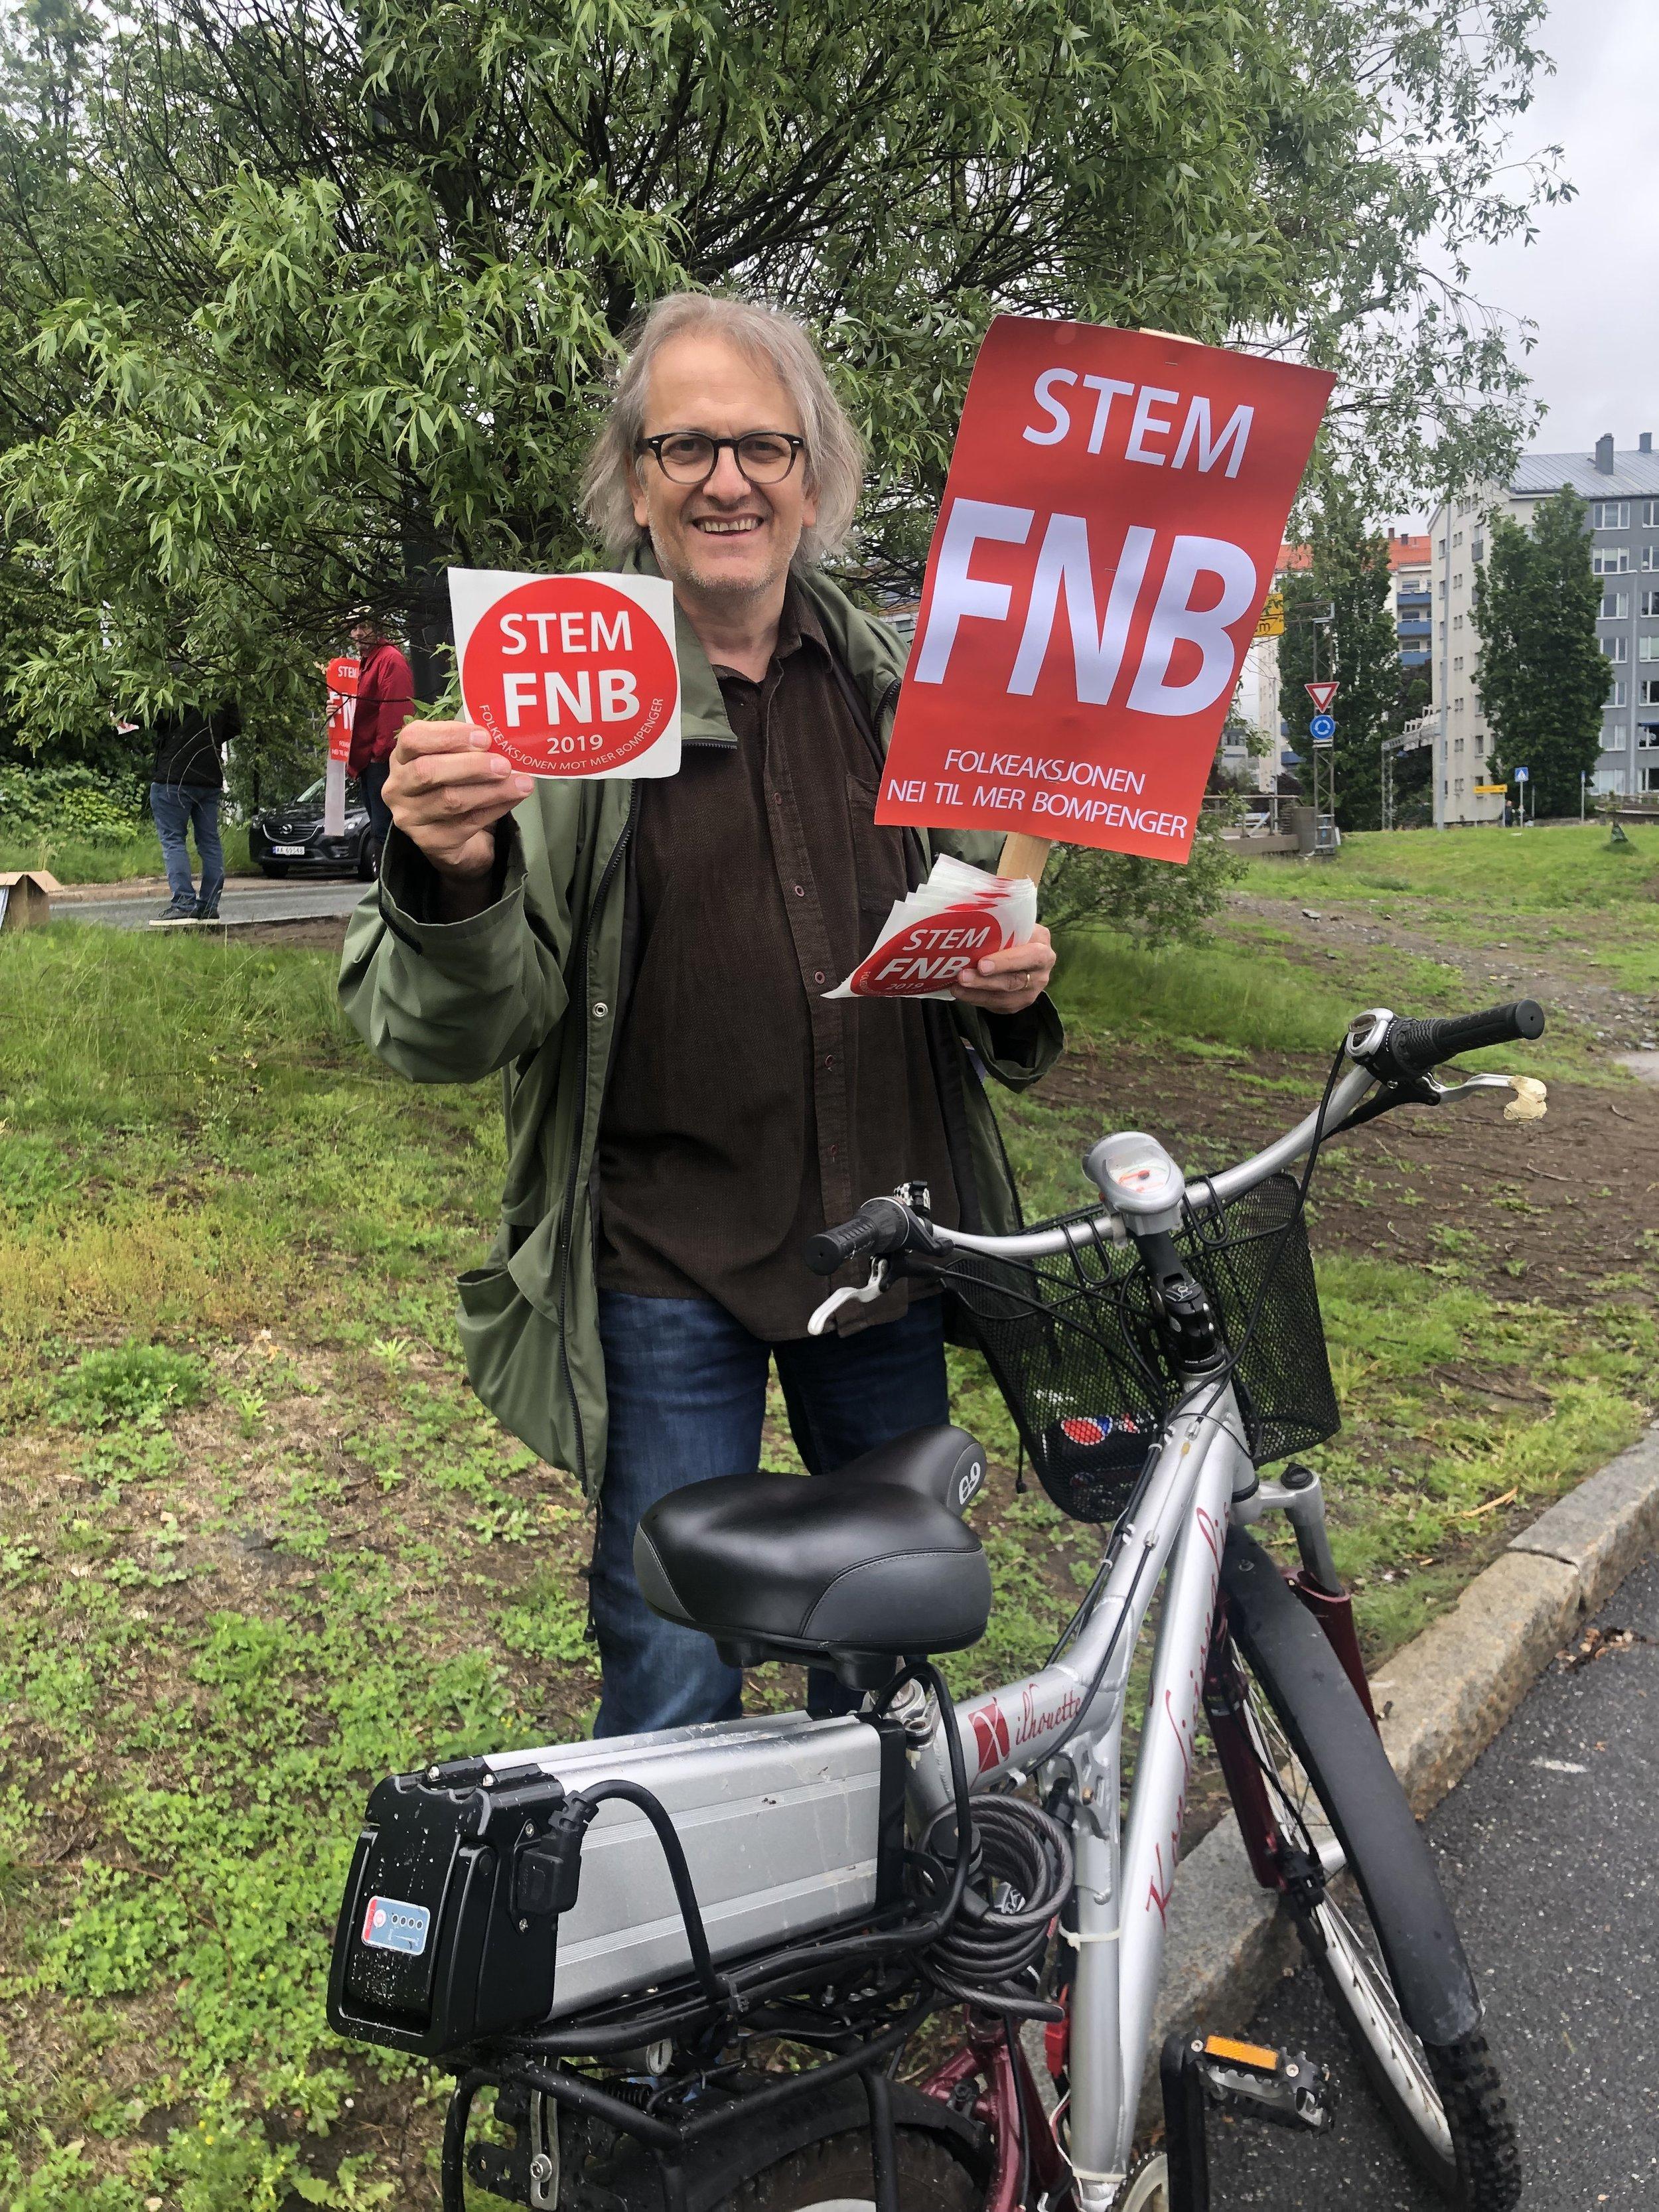 - Syklistaksjon 2019 støtter alle som vil hugge bomgalgene ned. Derfor demonstrerer vi i dag, sier Pål H. Christiansen.